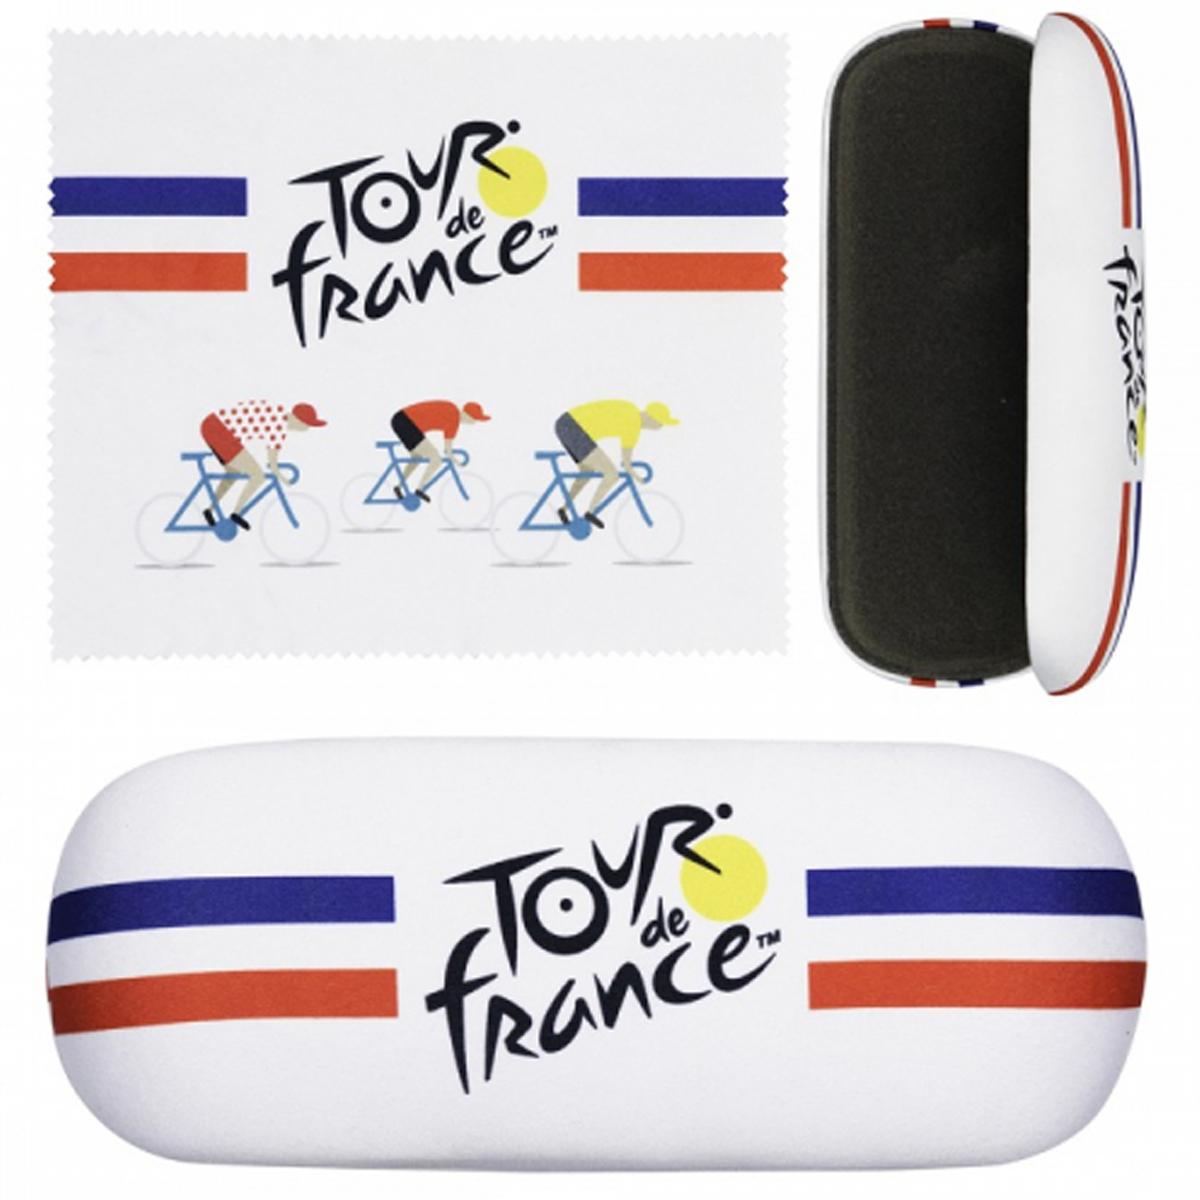 Etui à lunettes \'Tour de France\' bleu blanc rouge - 16x6x36 cm - [R1965]